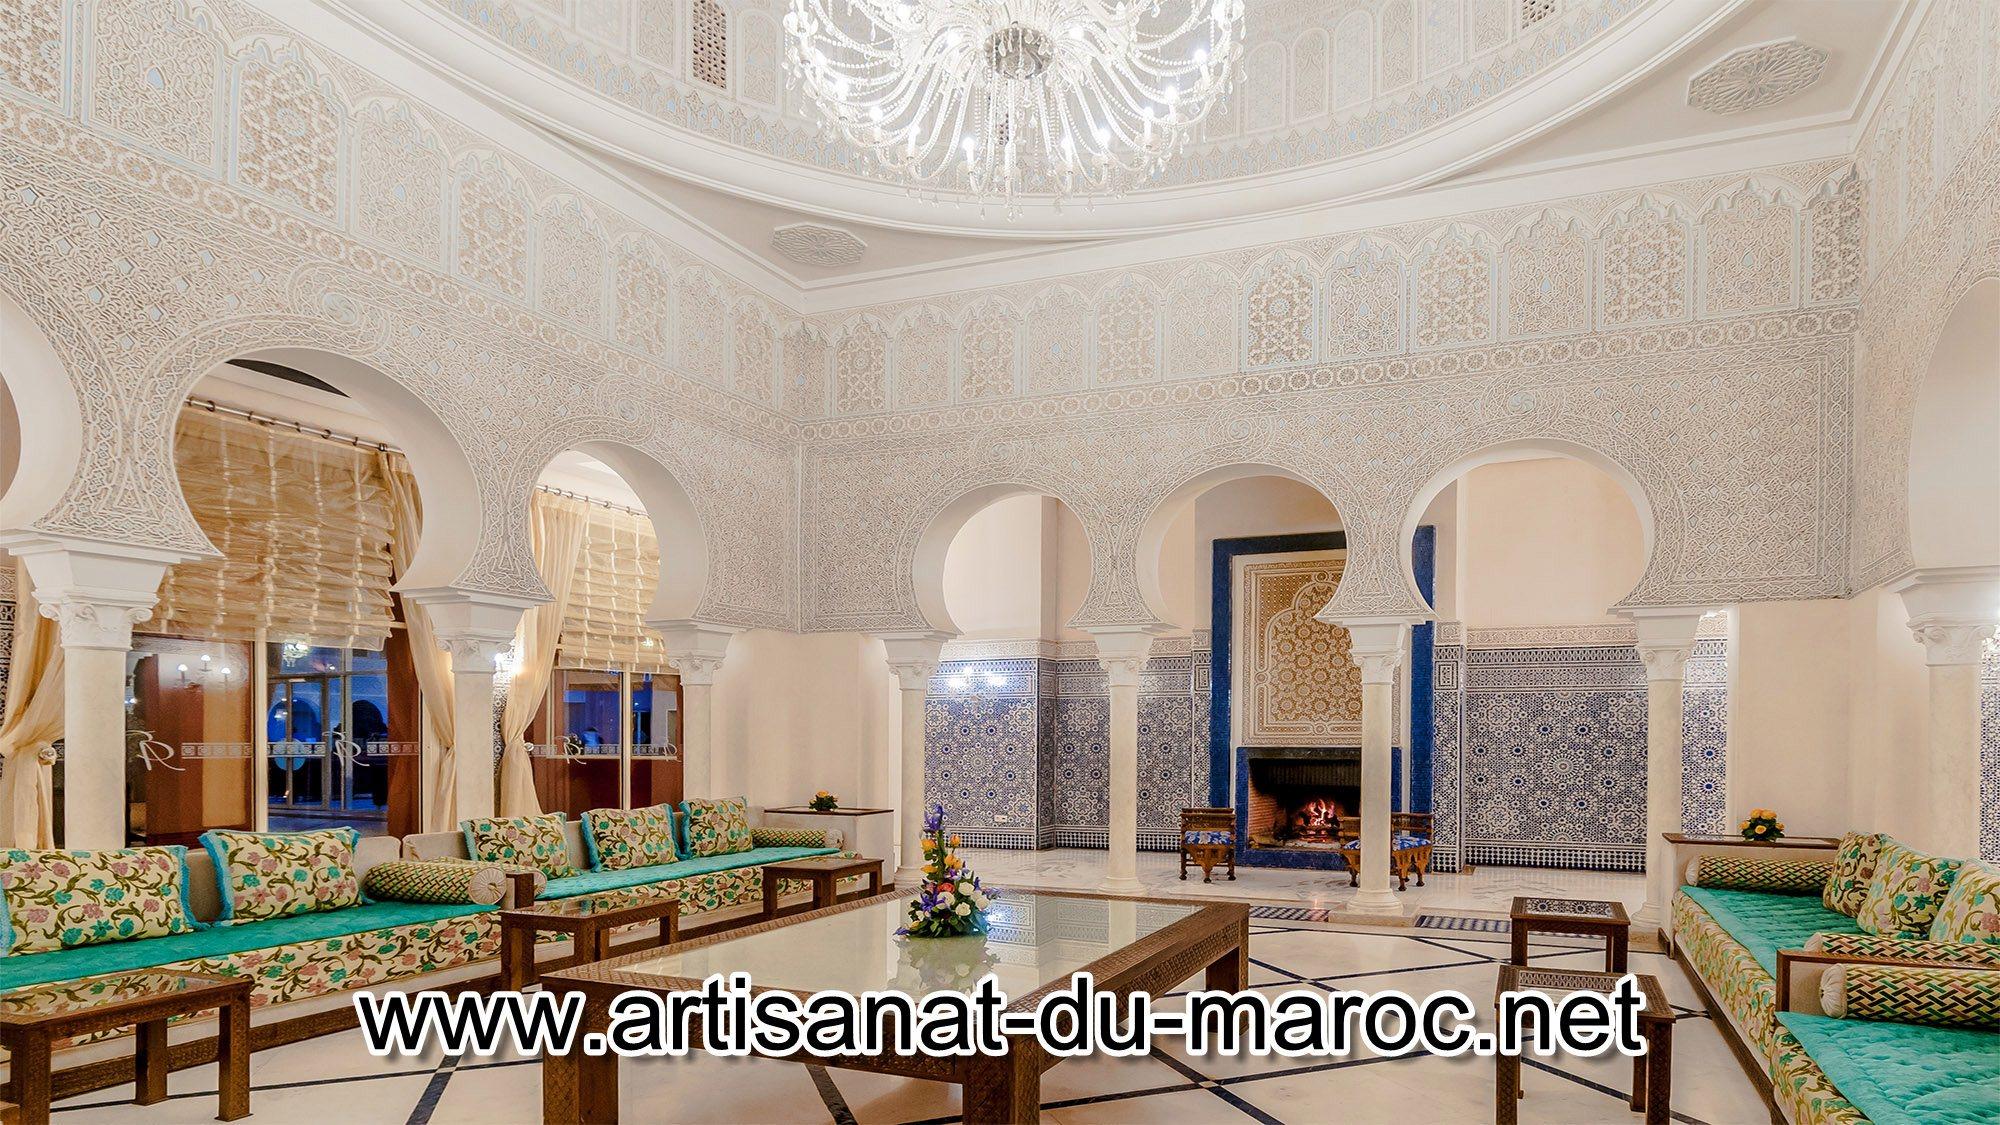 Vente De Salon Marocain Europe Salon Moderne France Ou